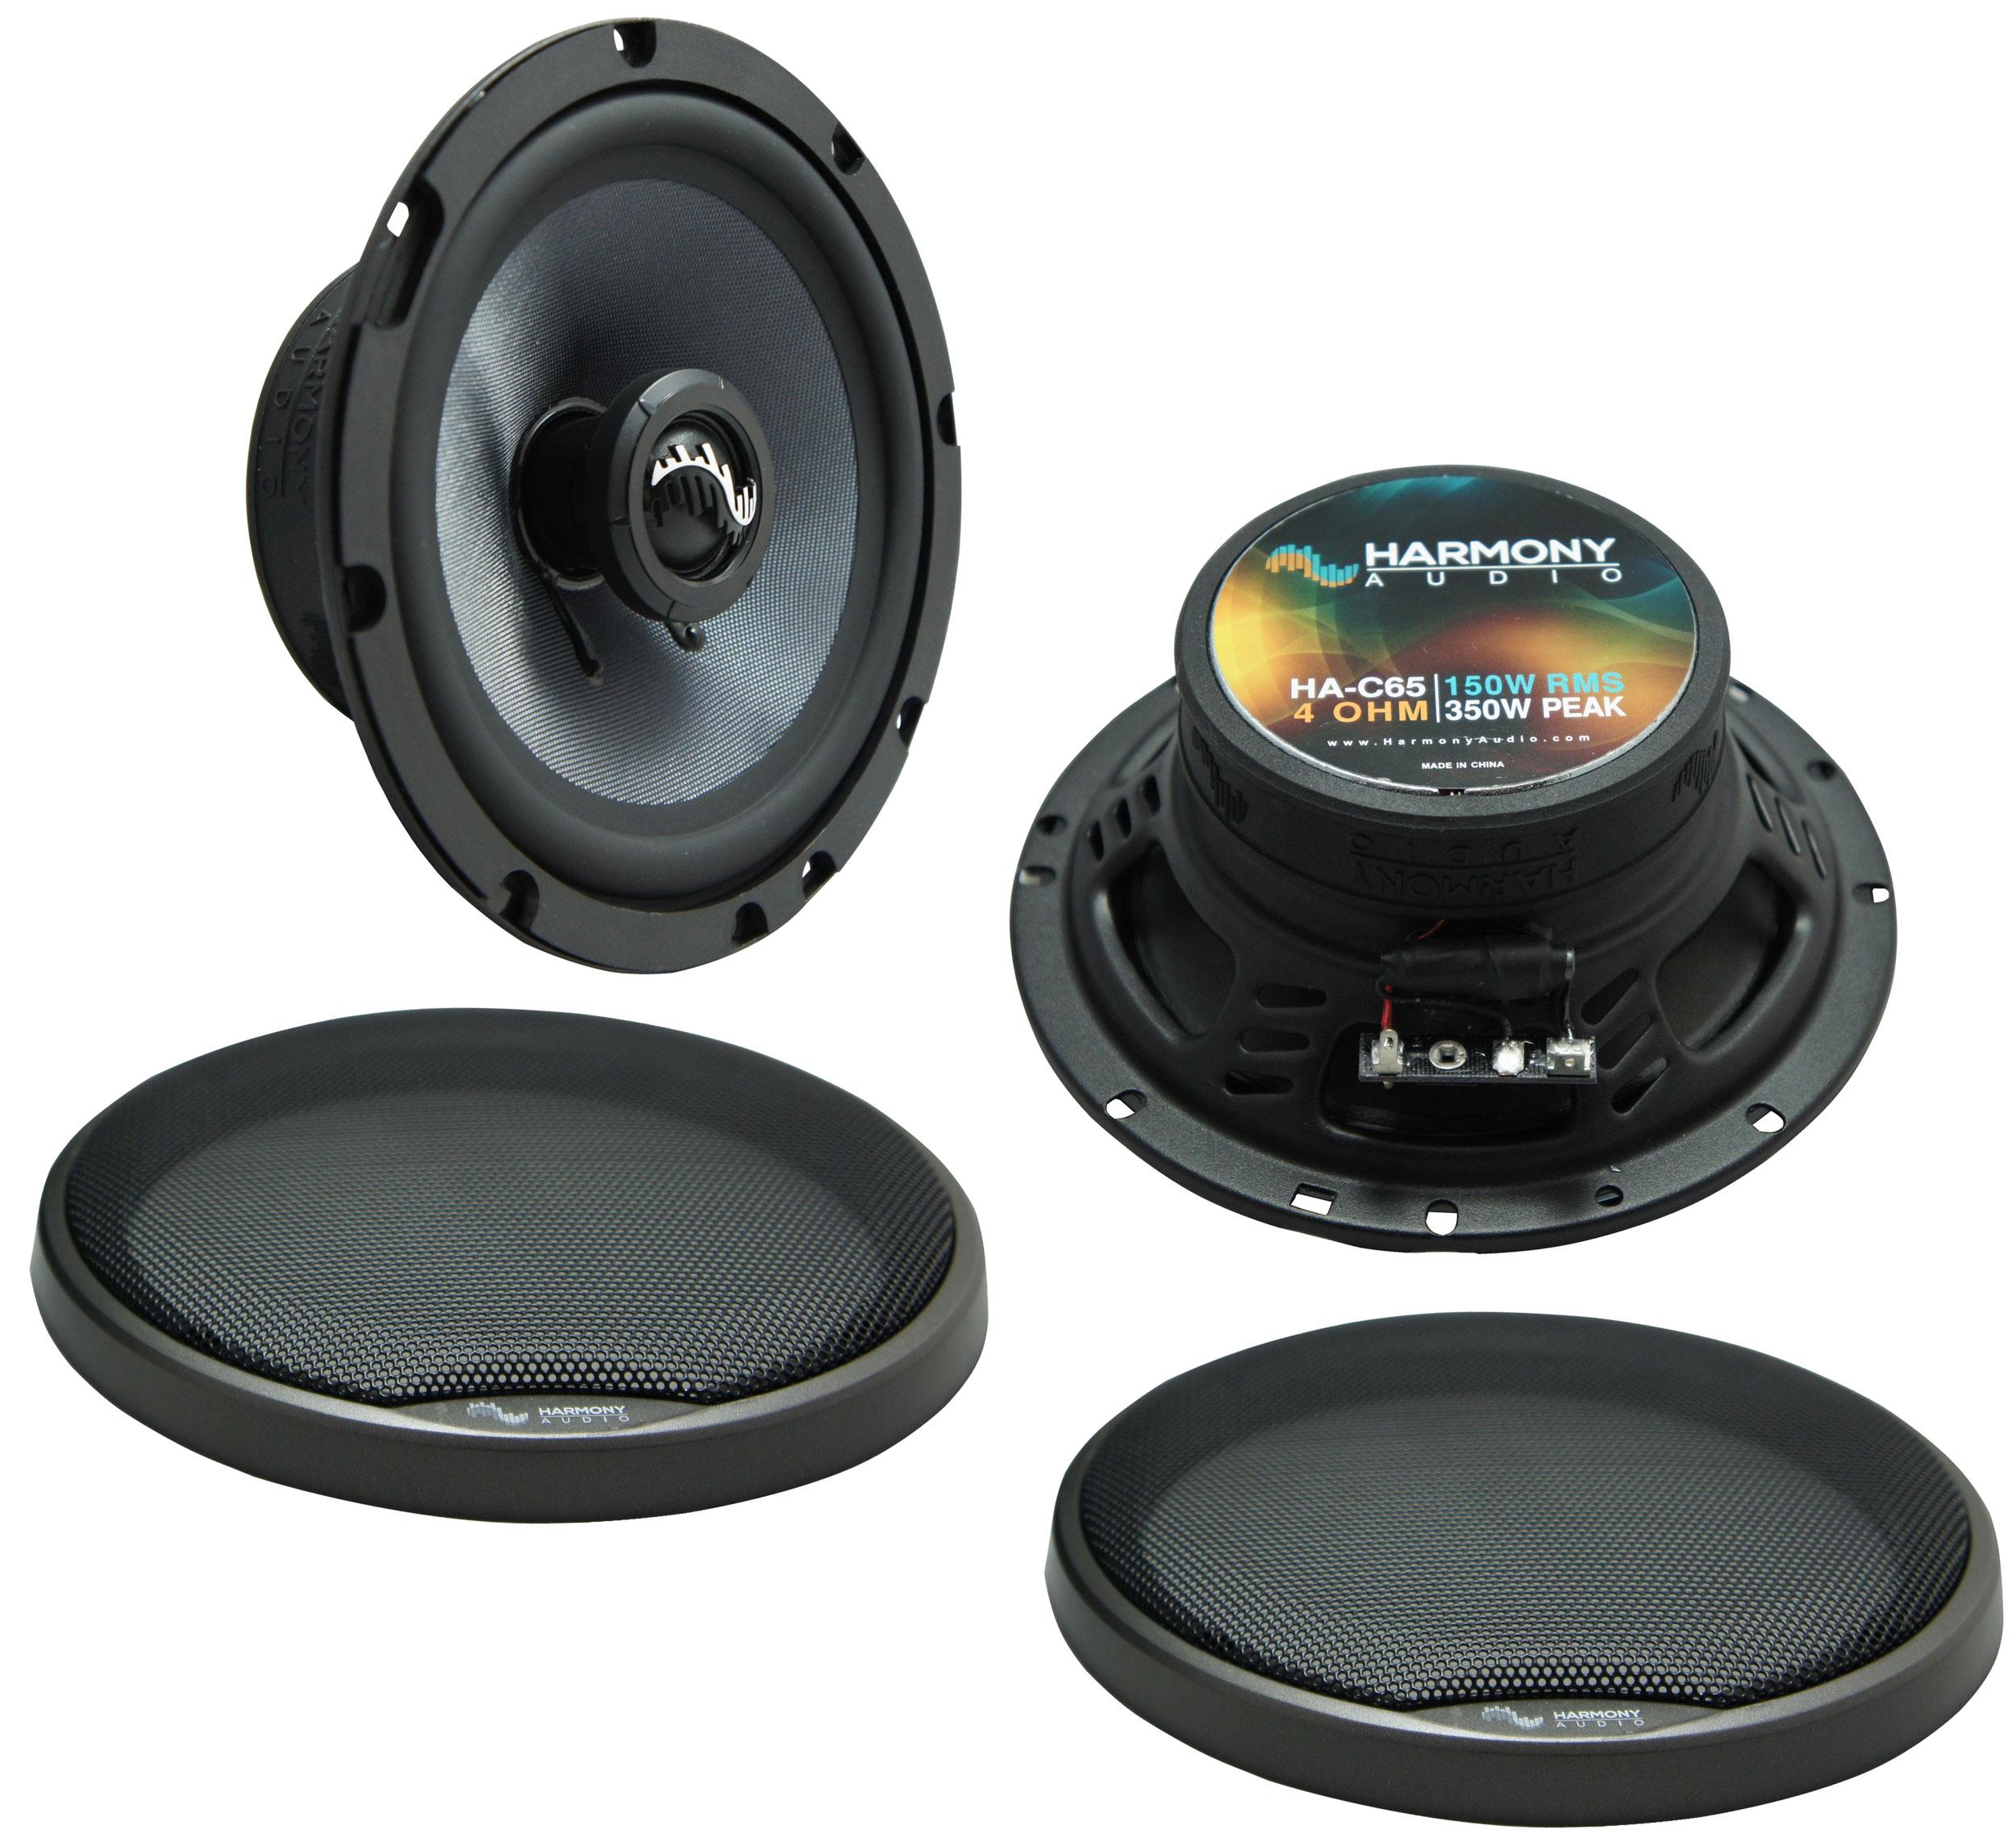 Fits Chevy Equinox 2007-2009 Front Door Replacement Harmony HA-C65 Premium Speakers